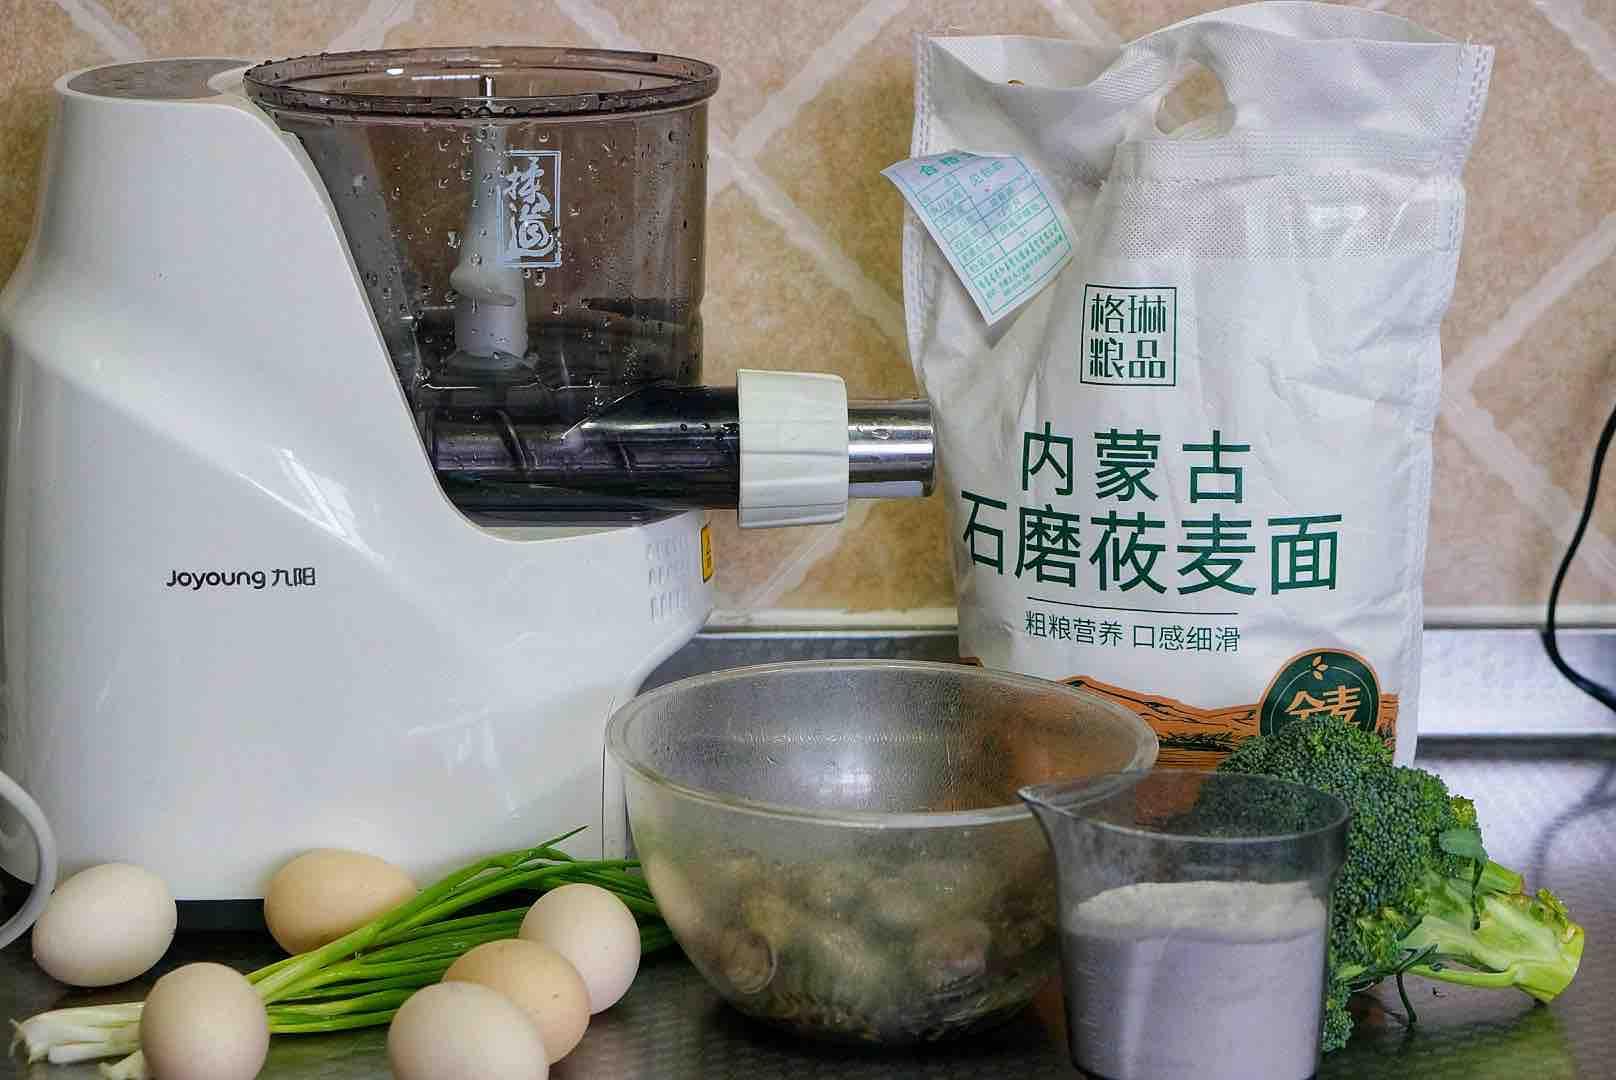 海鲜汤莜麦面的做法大全